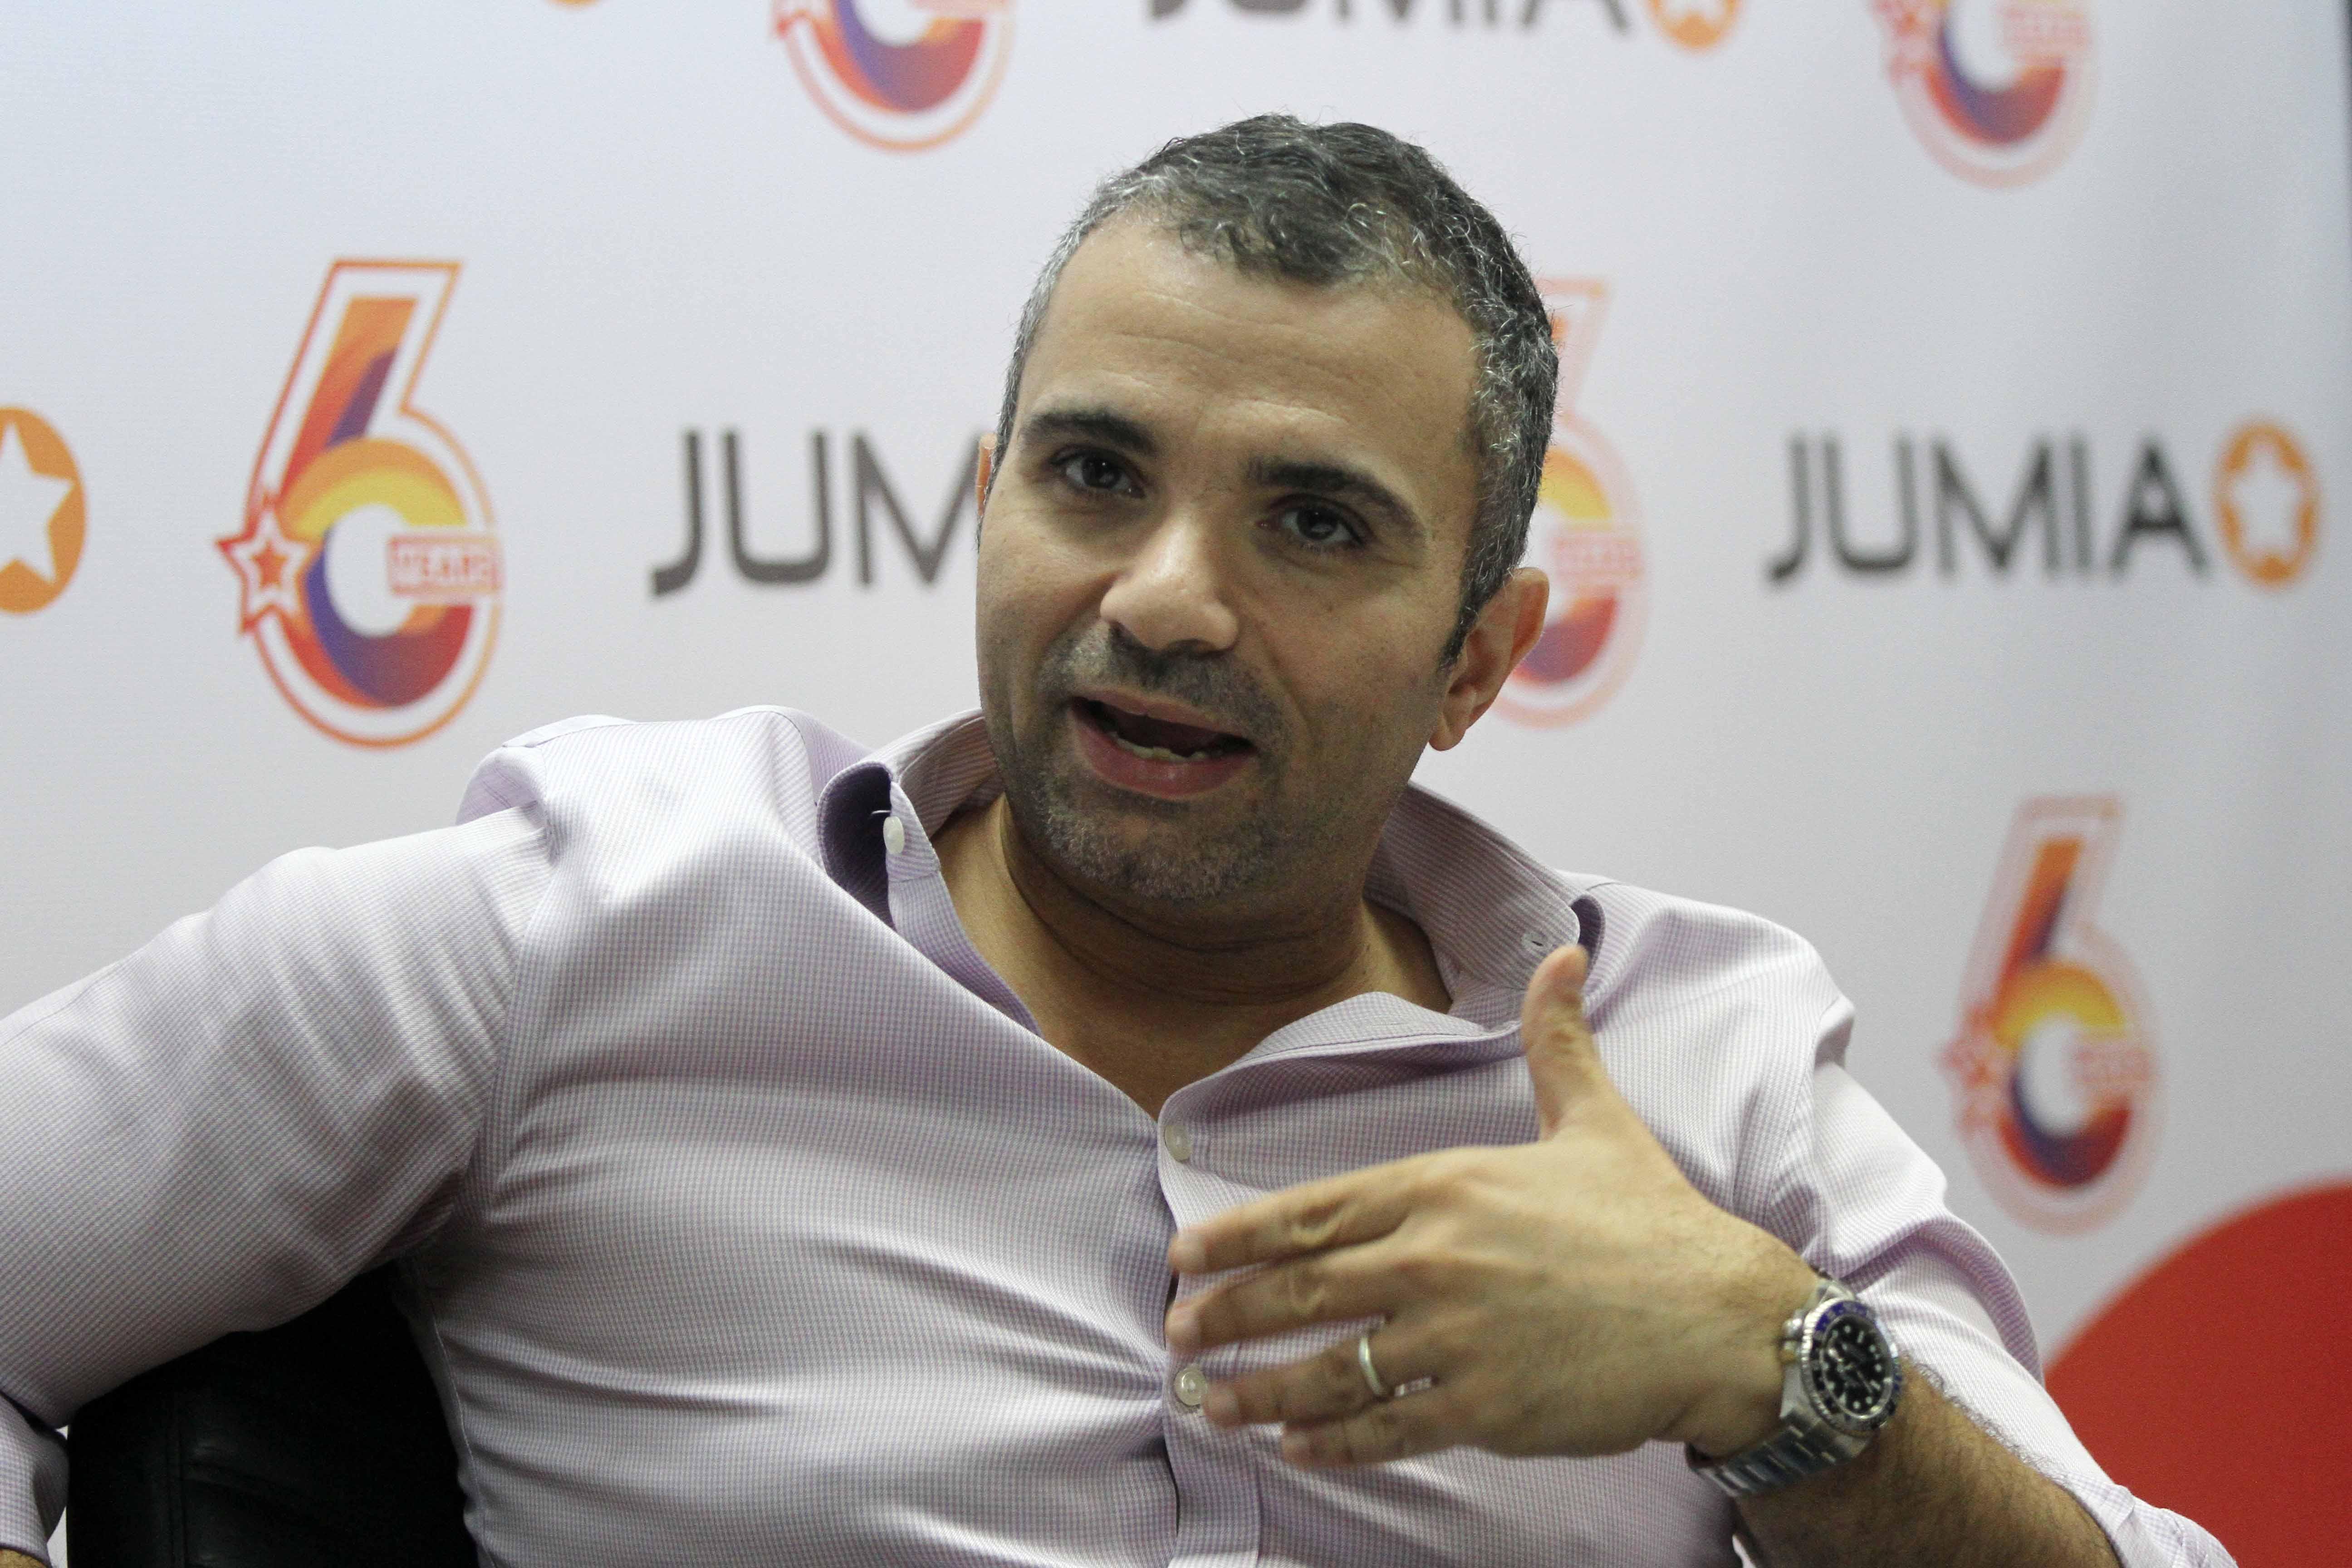 هشام صفوت الرئيس التنفيذى لجوميا مصر